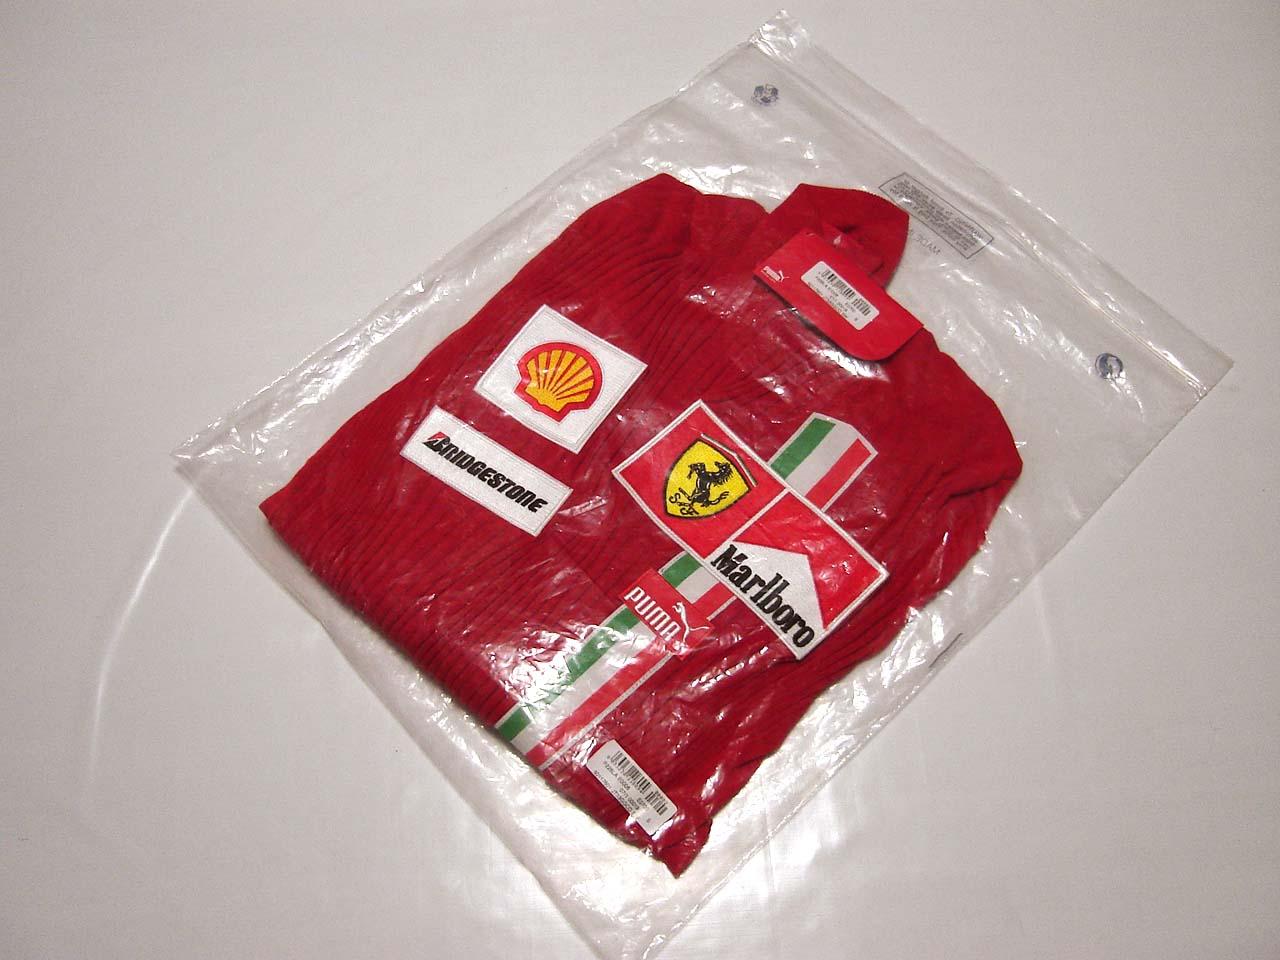 法拉利 F1 2007 用品万宝路版本层为超高級羊绒套衫男装 S 新 (为销售玩具 F1 从海外进口)